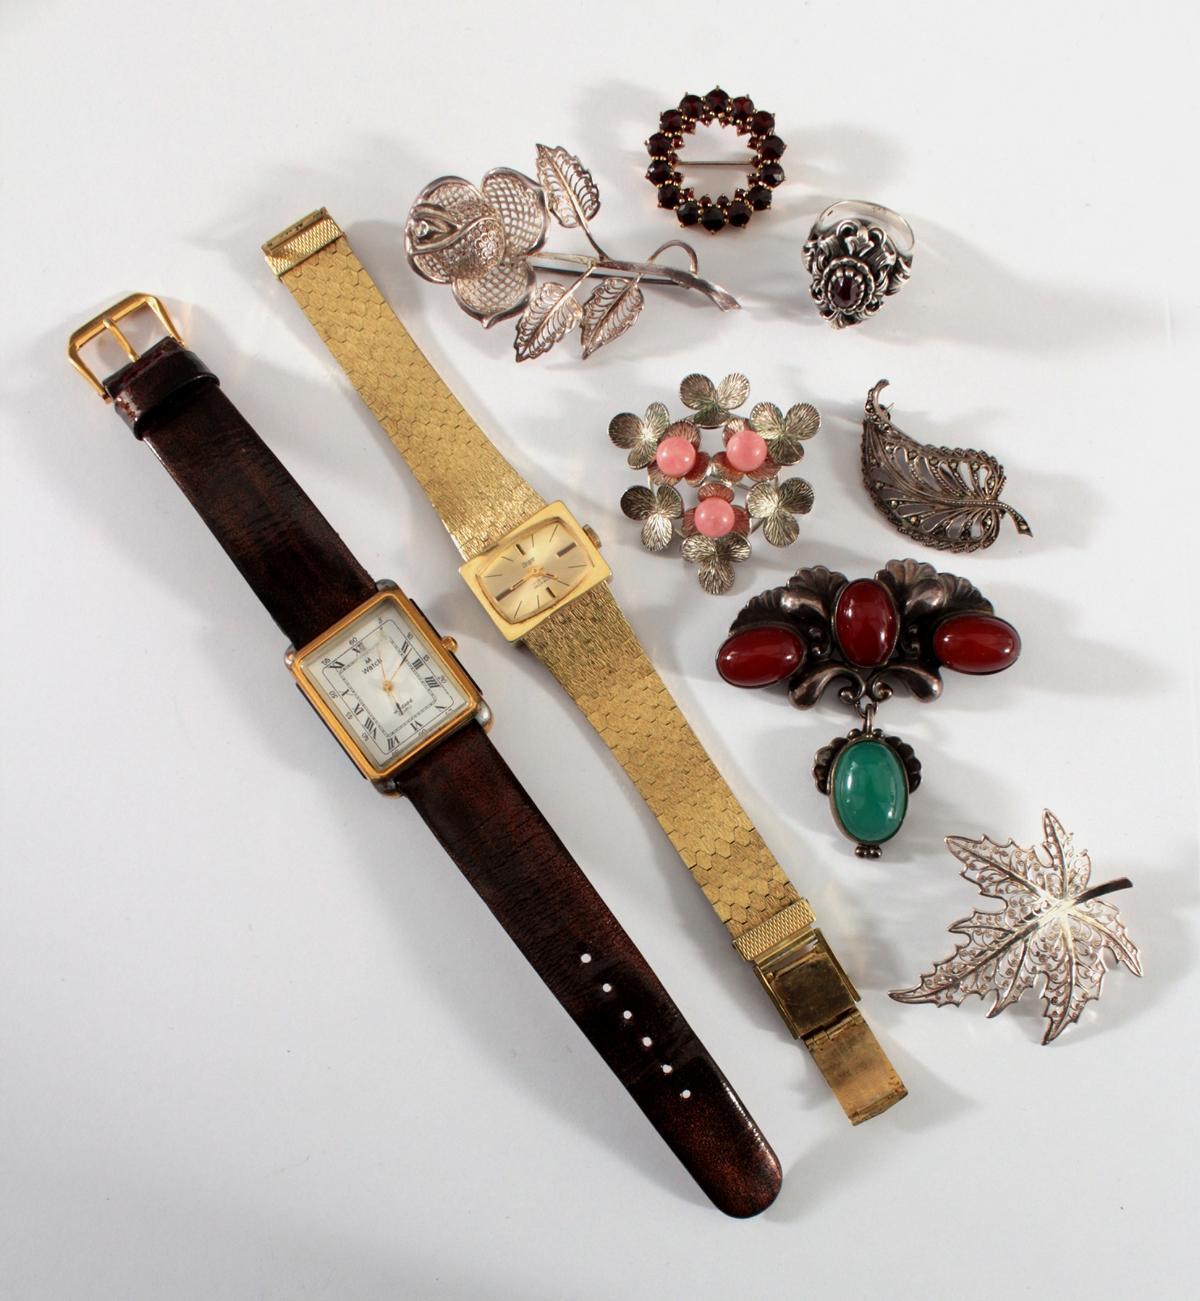 Konvolut Silberschmuck und Armbanduhren